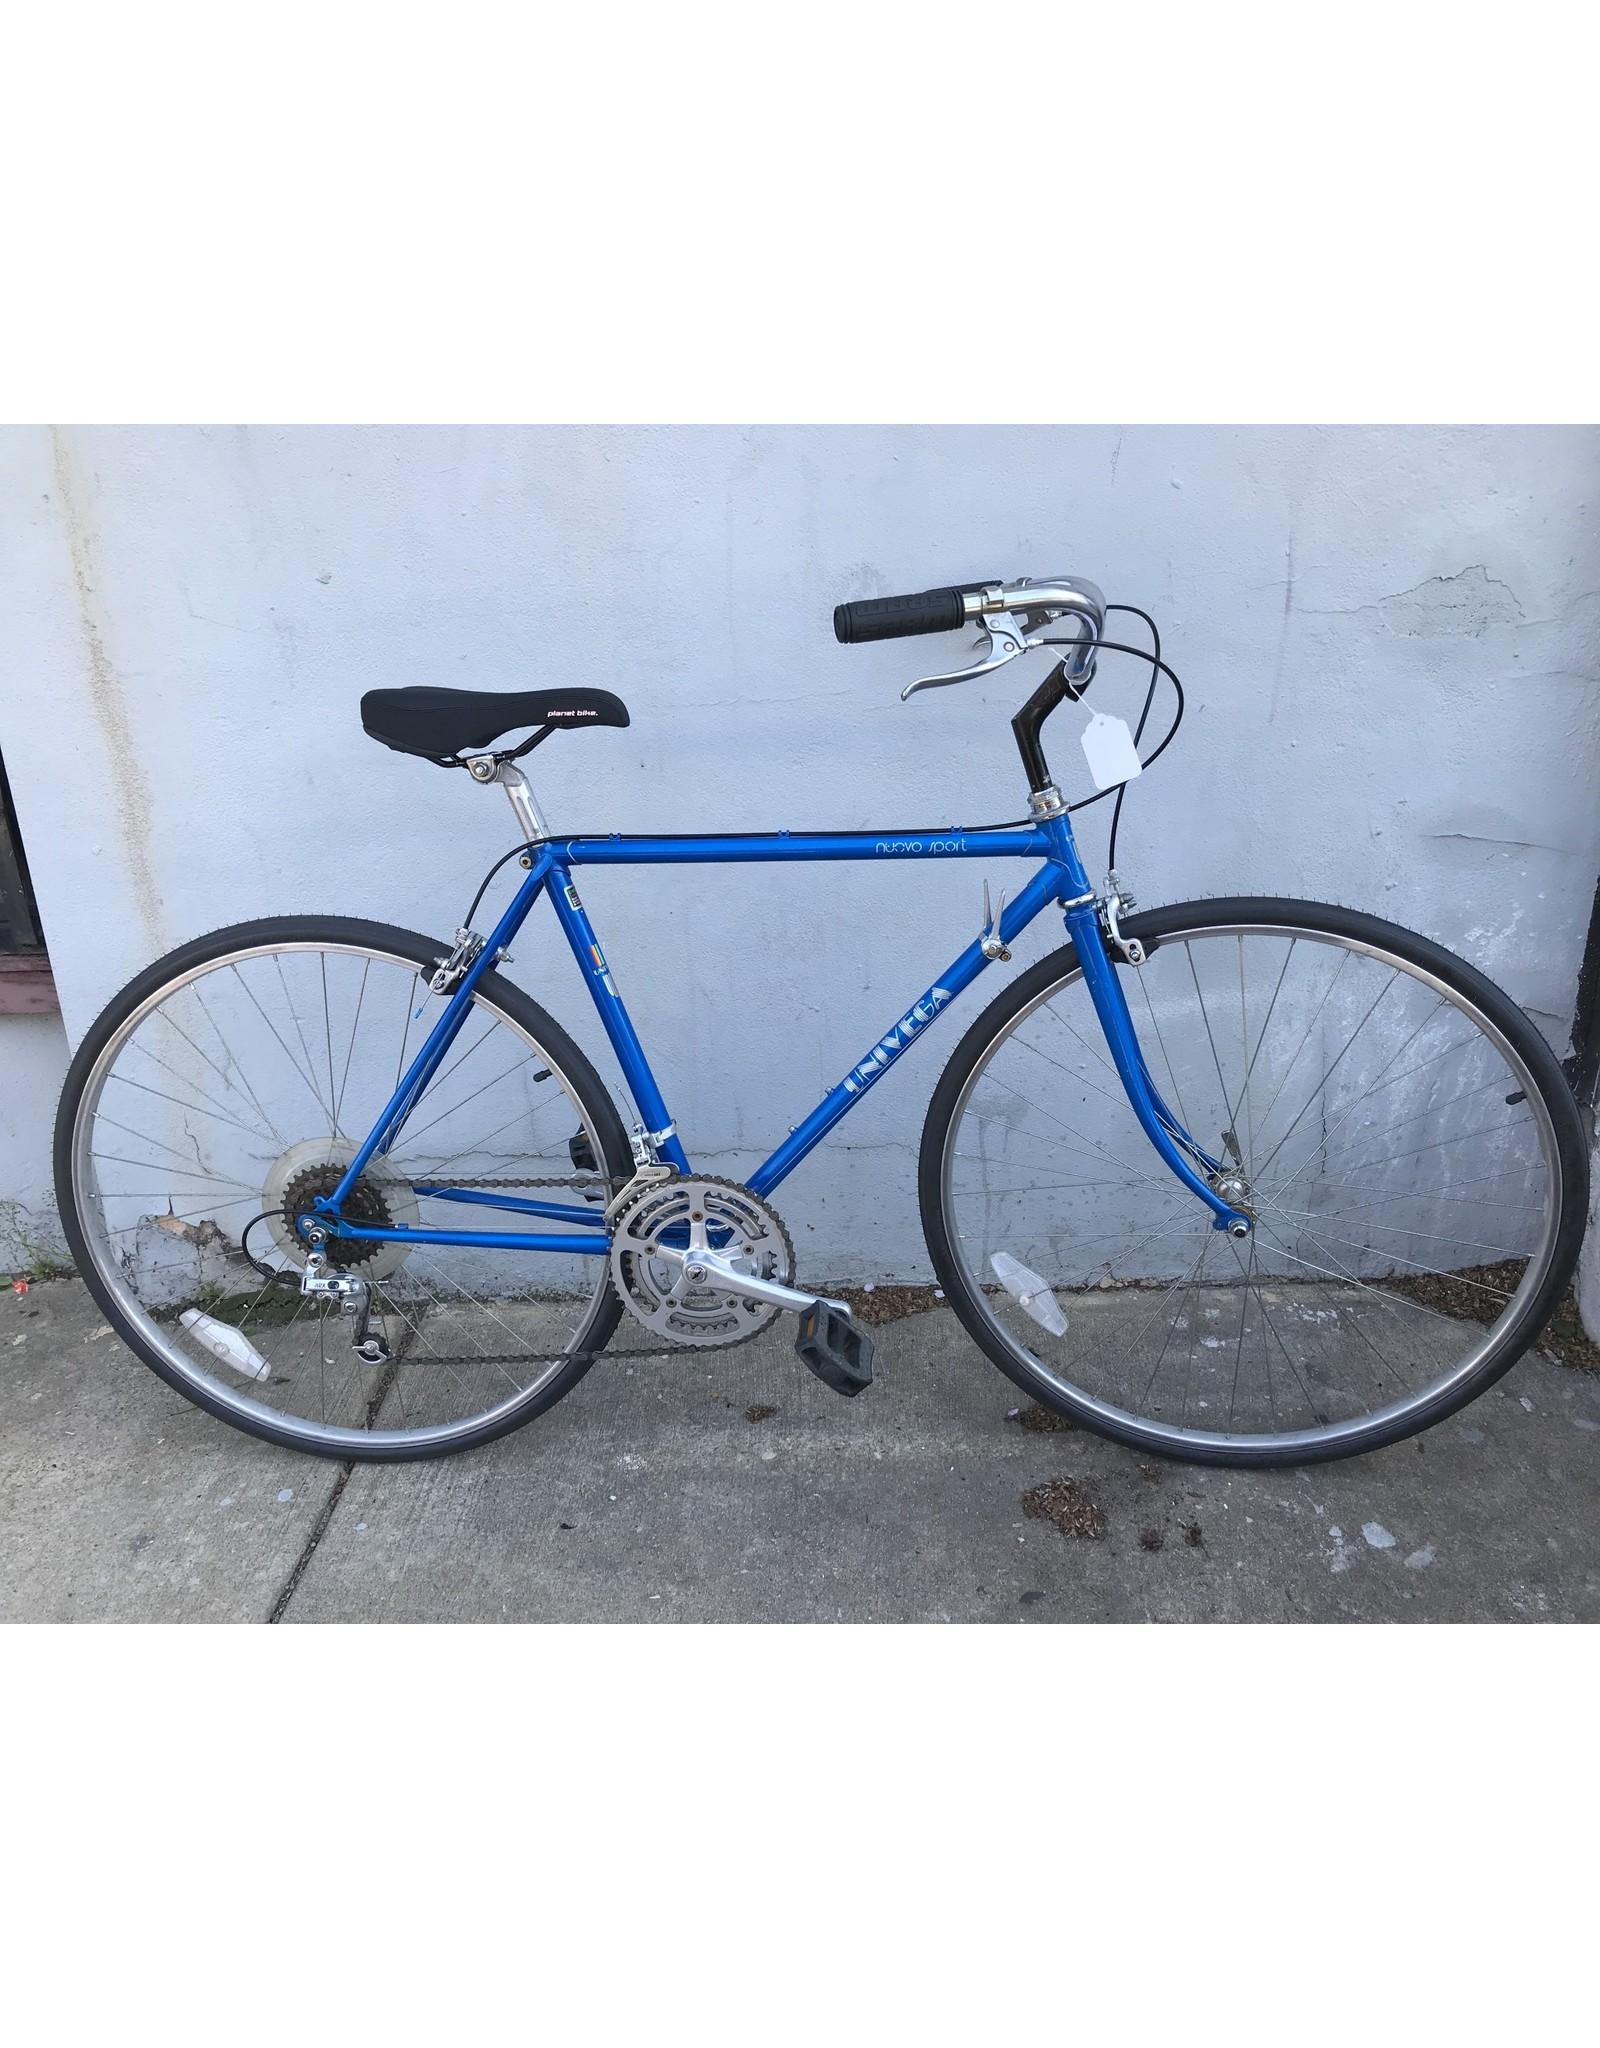 Univega Used Bike 6049 Univega Nuovo Sport Blue 48cm x 55cm